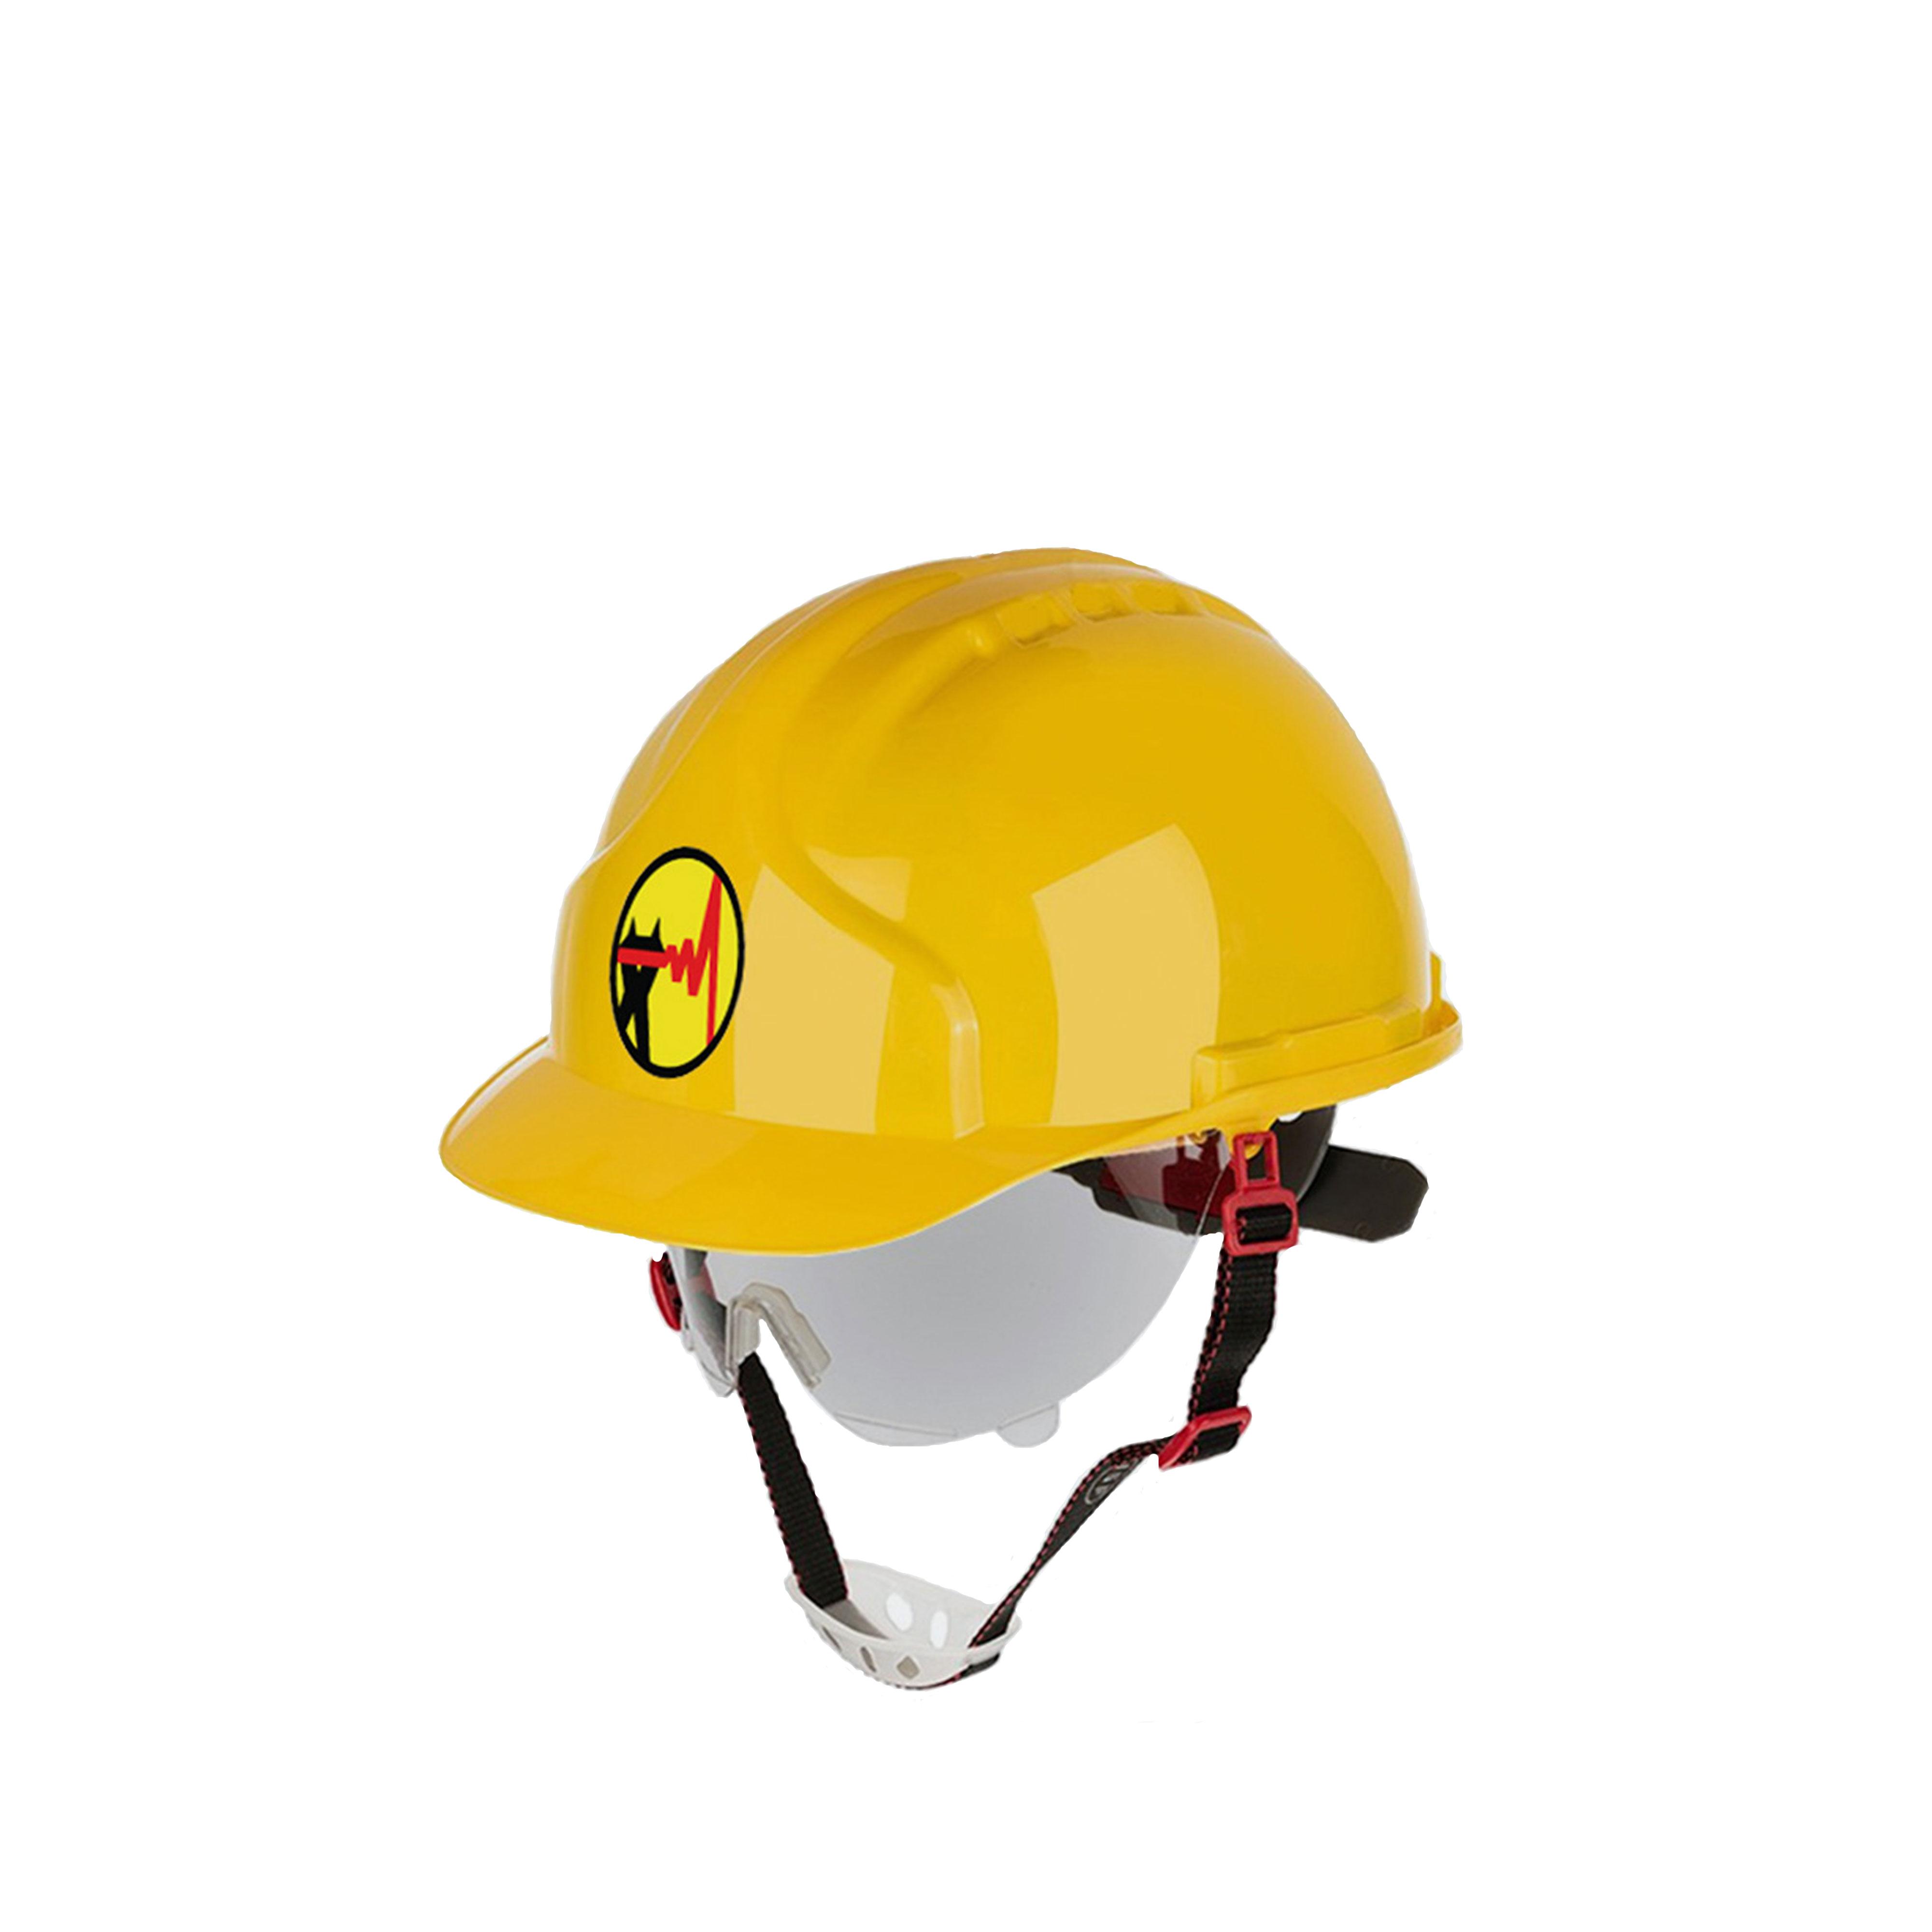 کلاه عایق برق هترمن مدل MK7